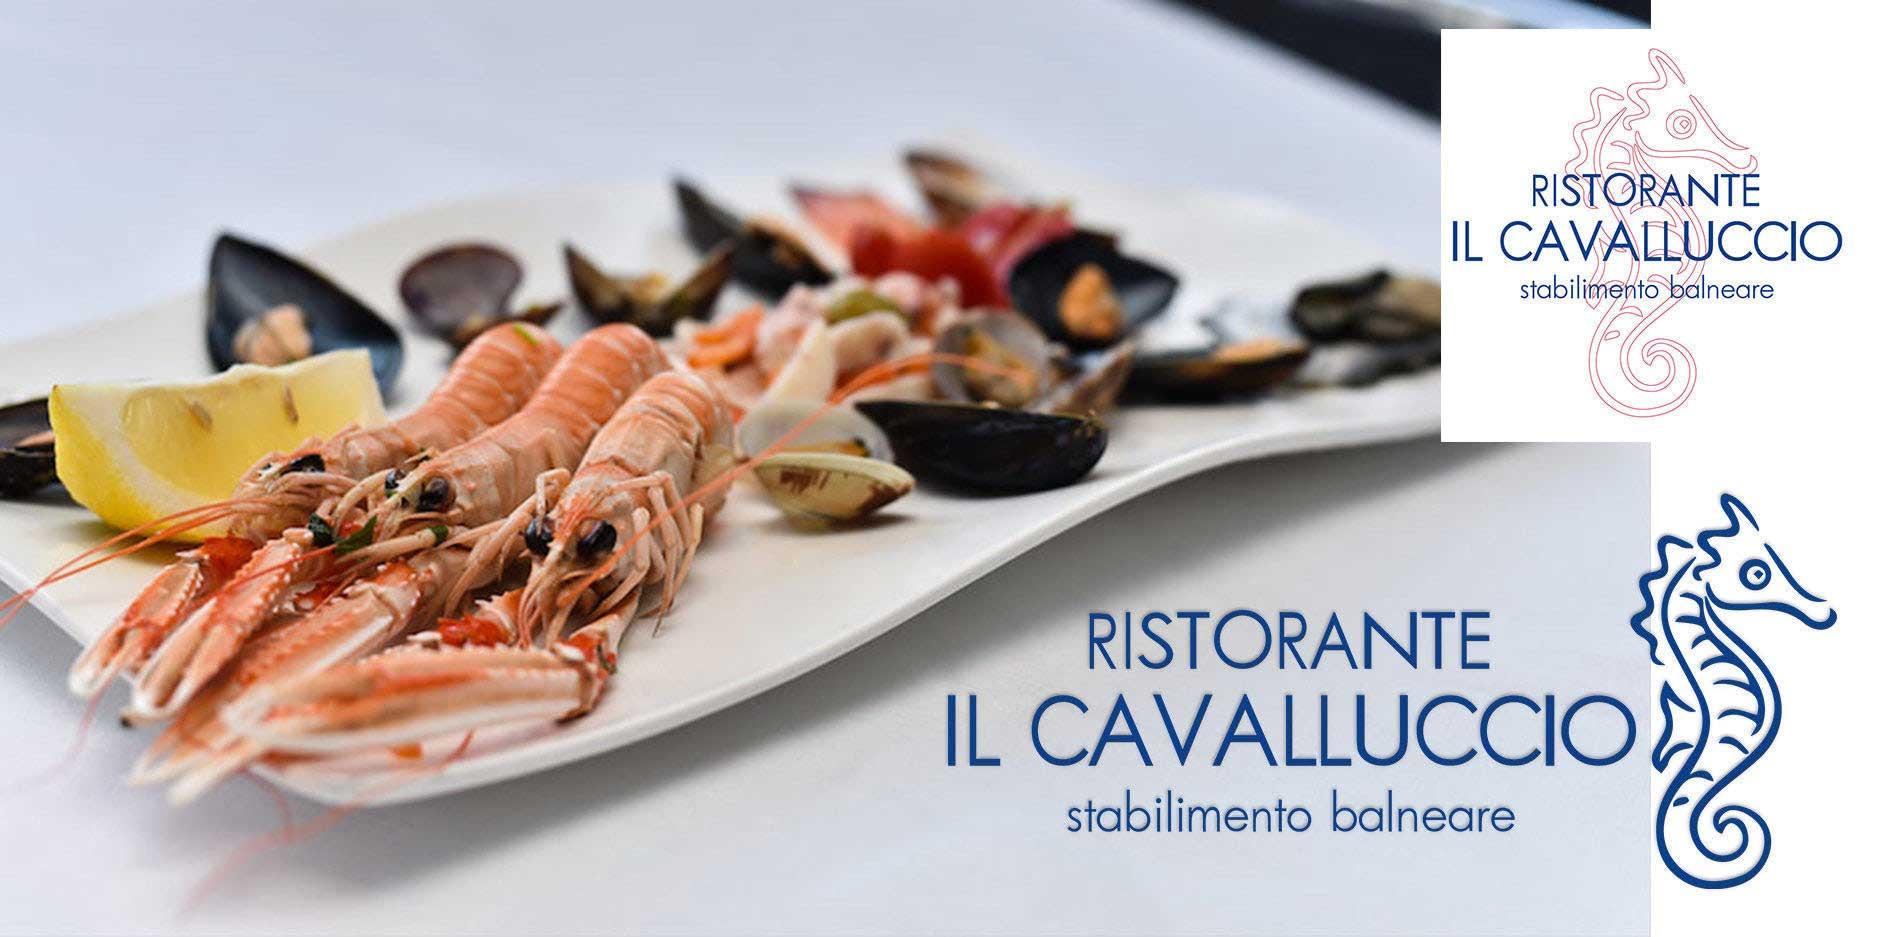 Cavalluccio5